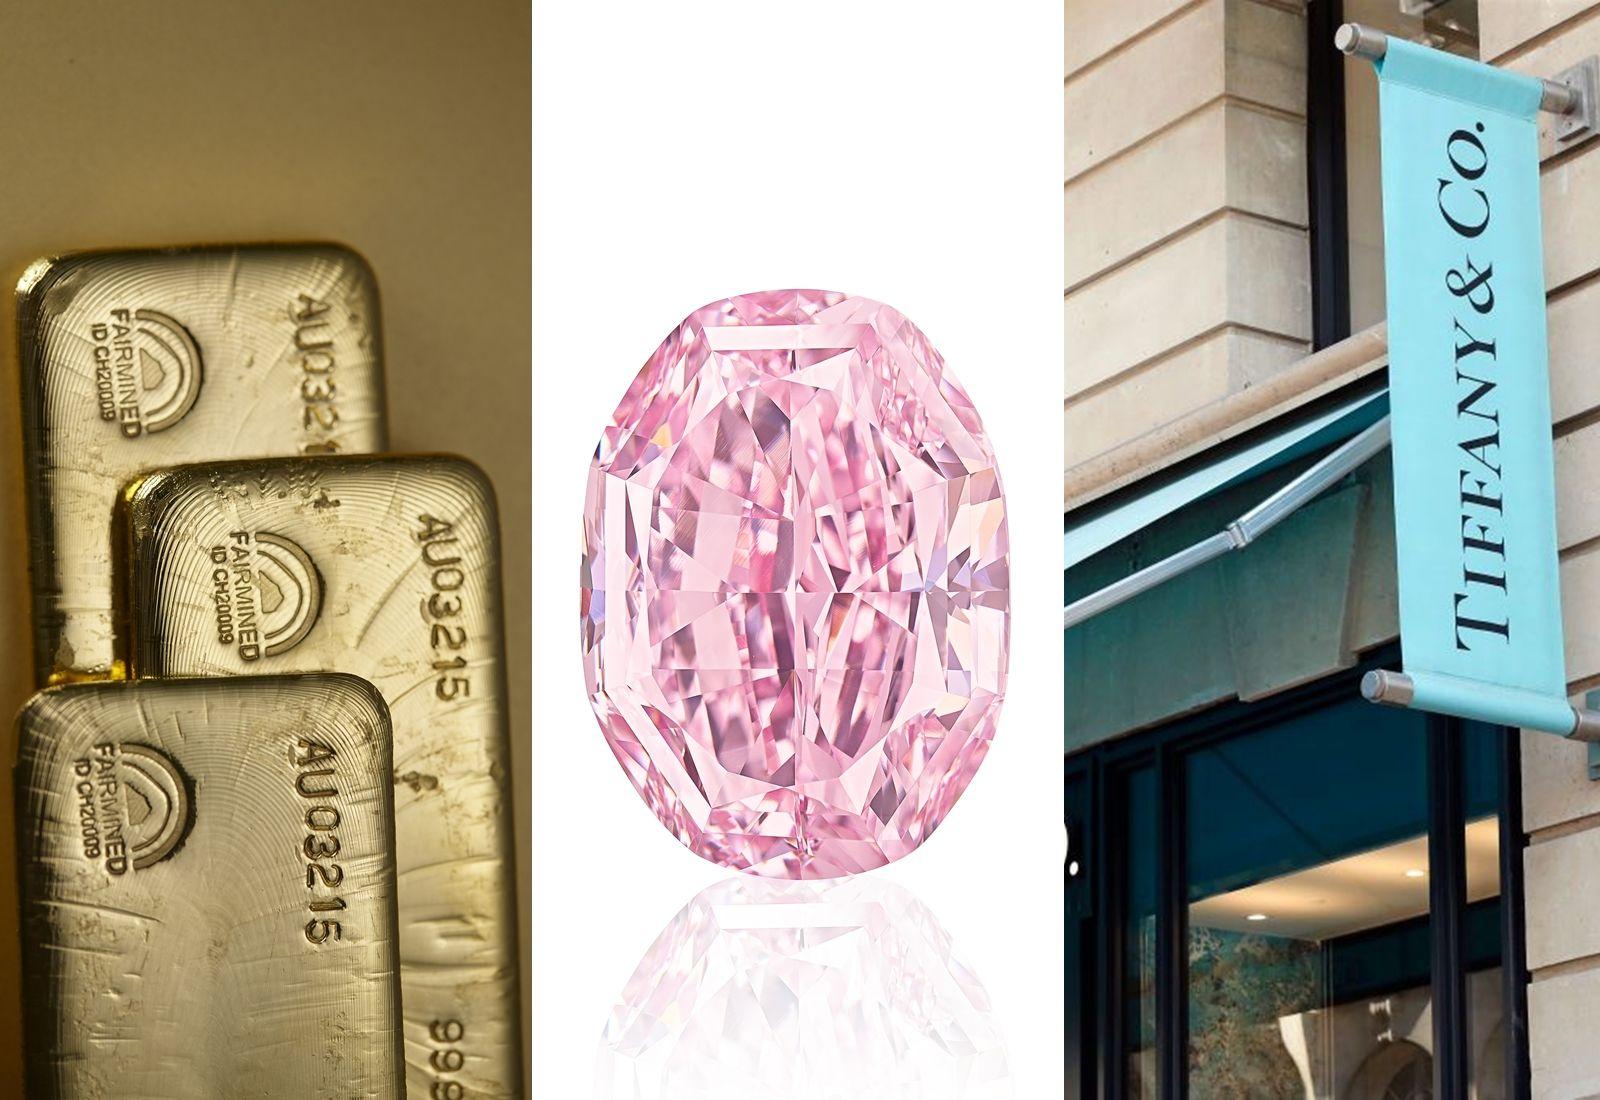 【2020珠寶大事件總回顧】富豪砸錢買巨鑽不手軟、LVMH X Tiffany世紀聯姻、金價暴漲、永續珠寶正夯……